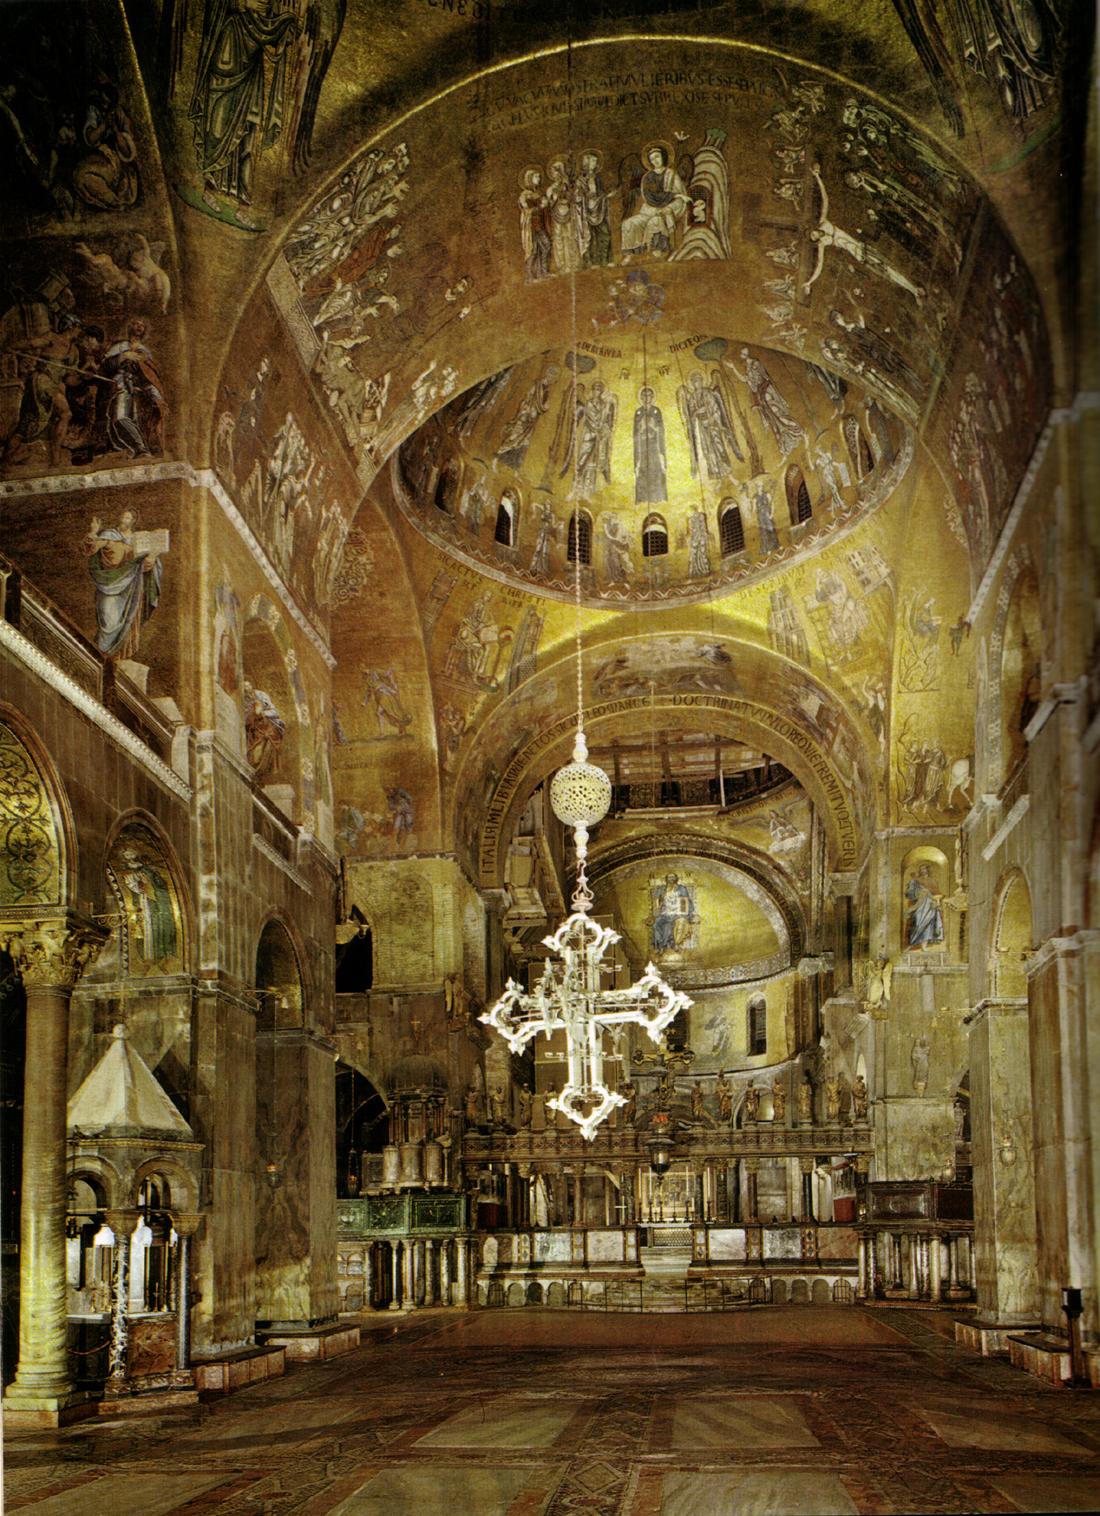 Interno_della_basilica_di_san_marco,_ven